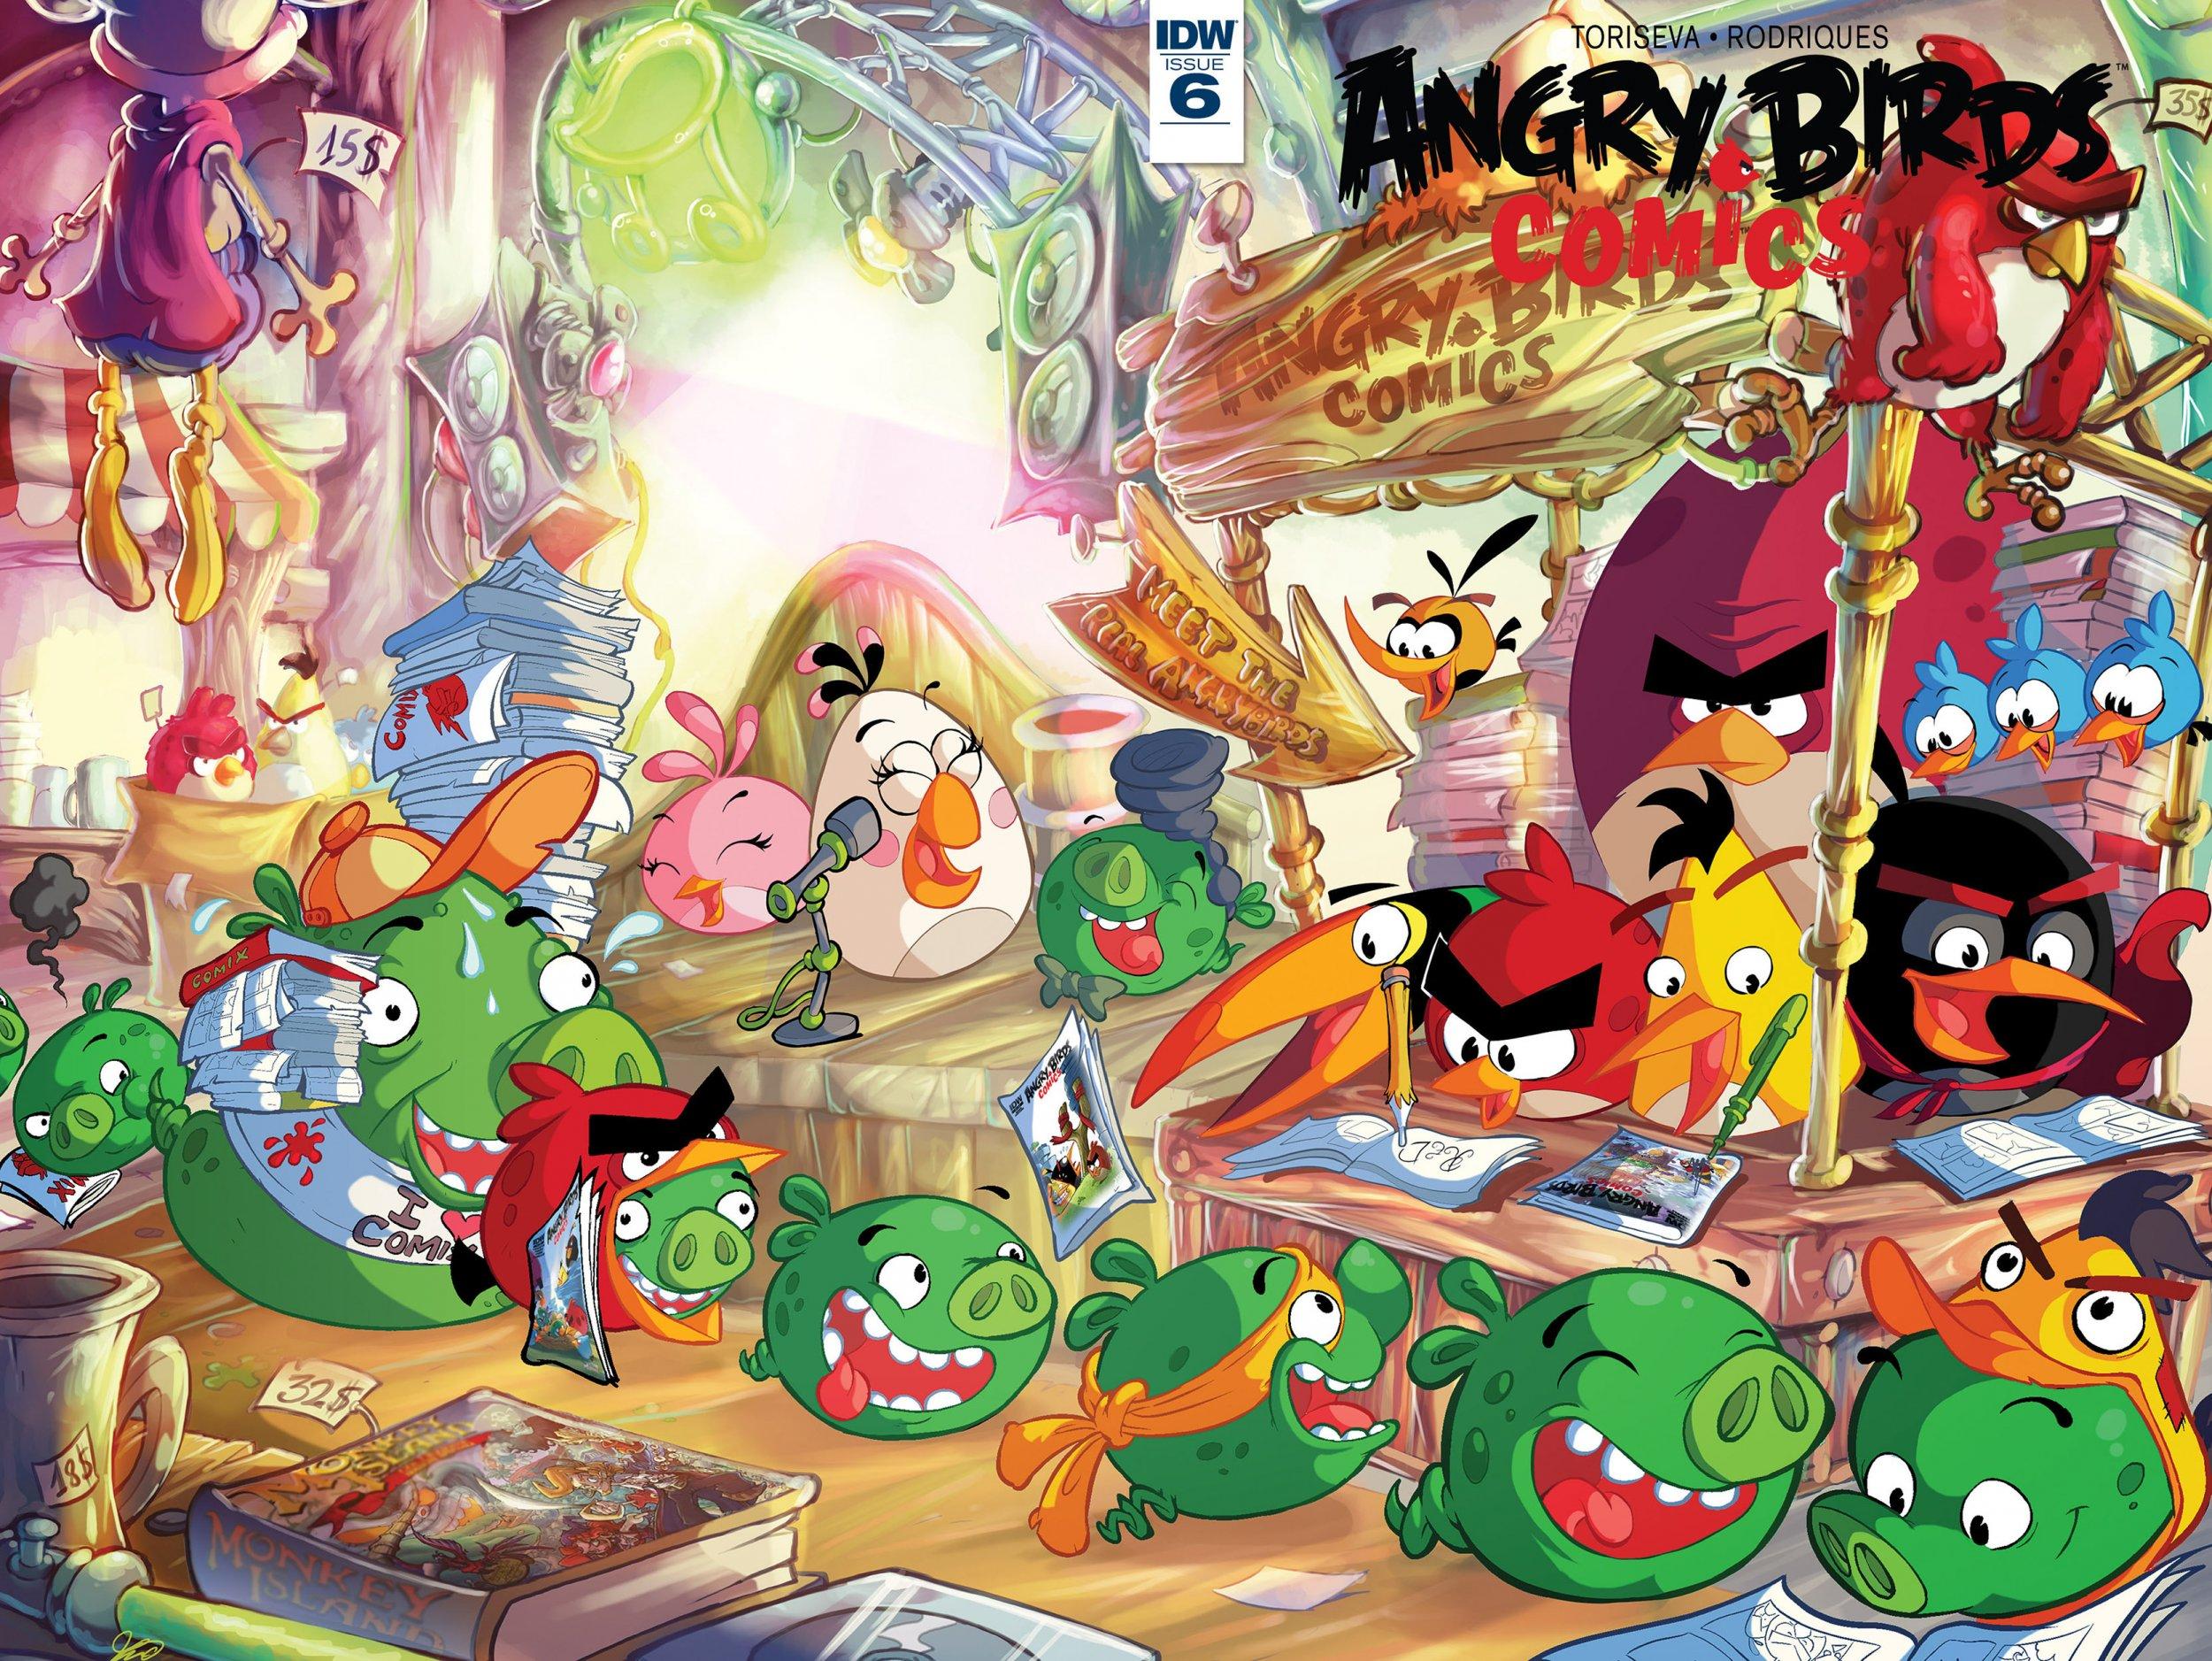 Angry Birds Comics Vol.2 006 (June 2016)